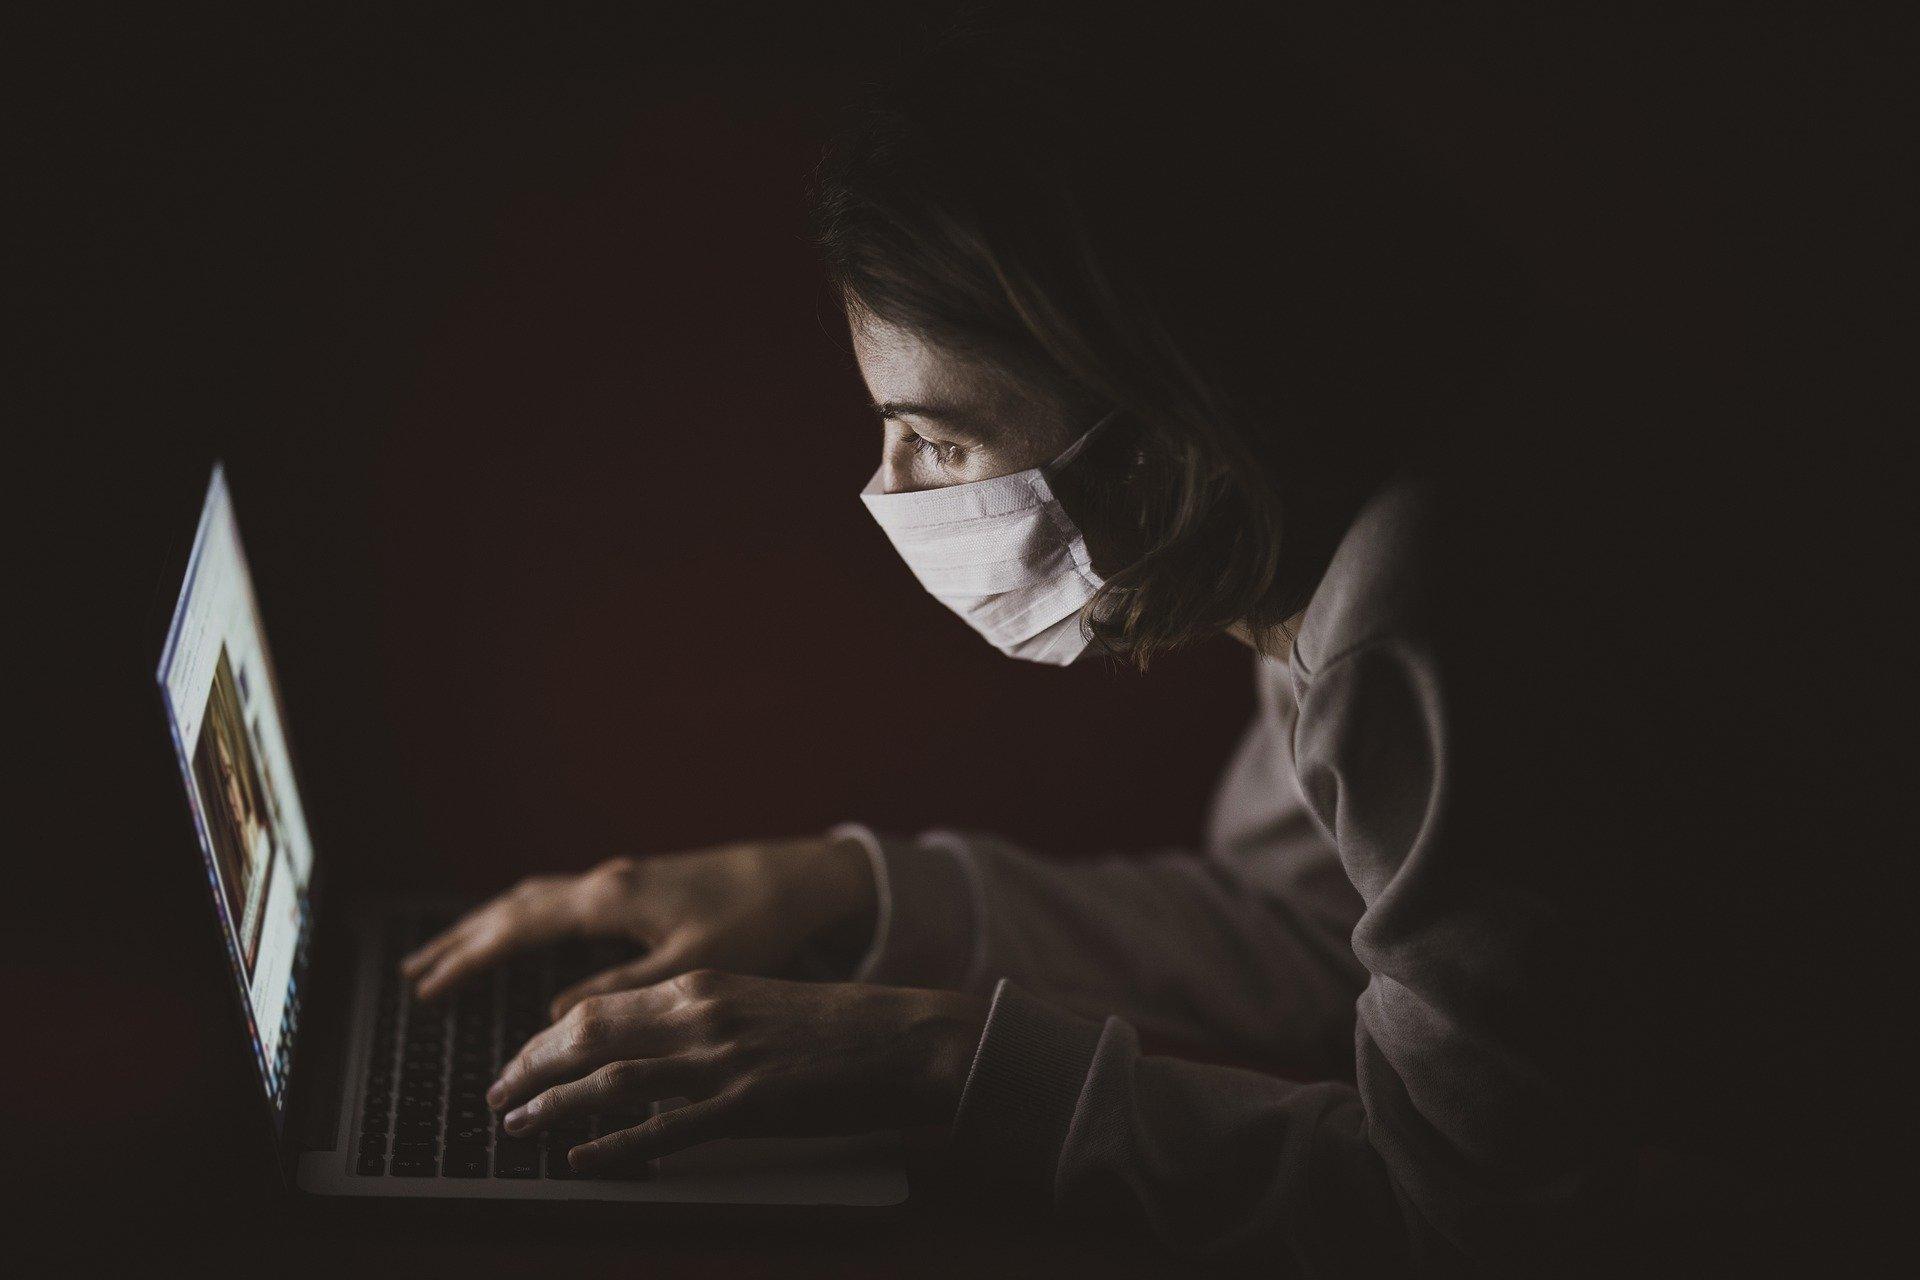 ¿Cómo nos ha cambiado la vida la pandemia Covid-19?